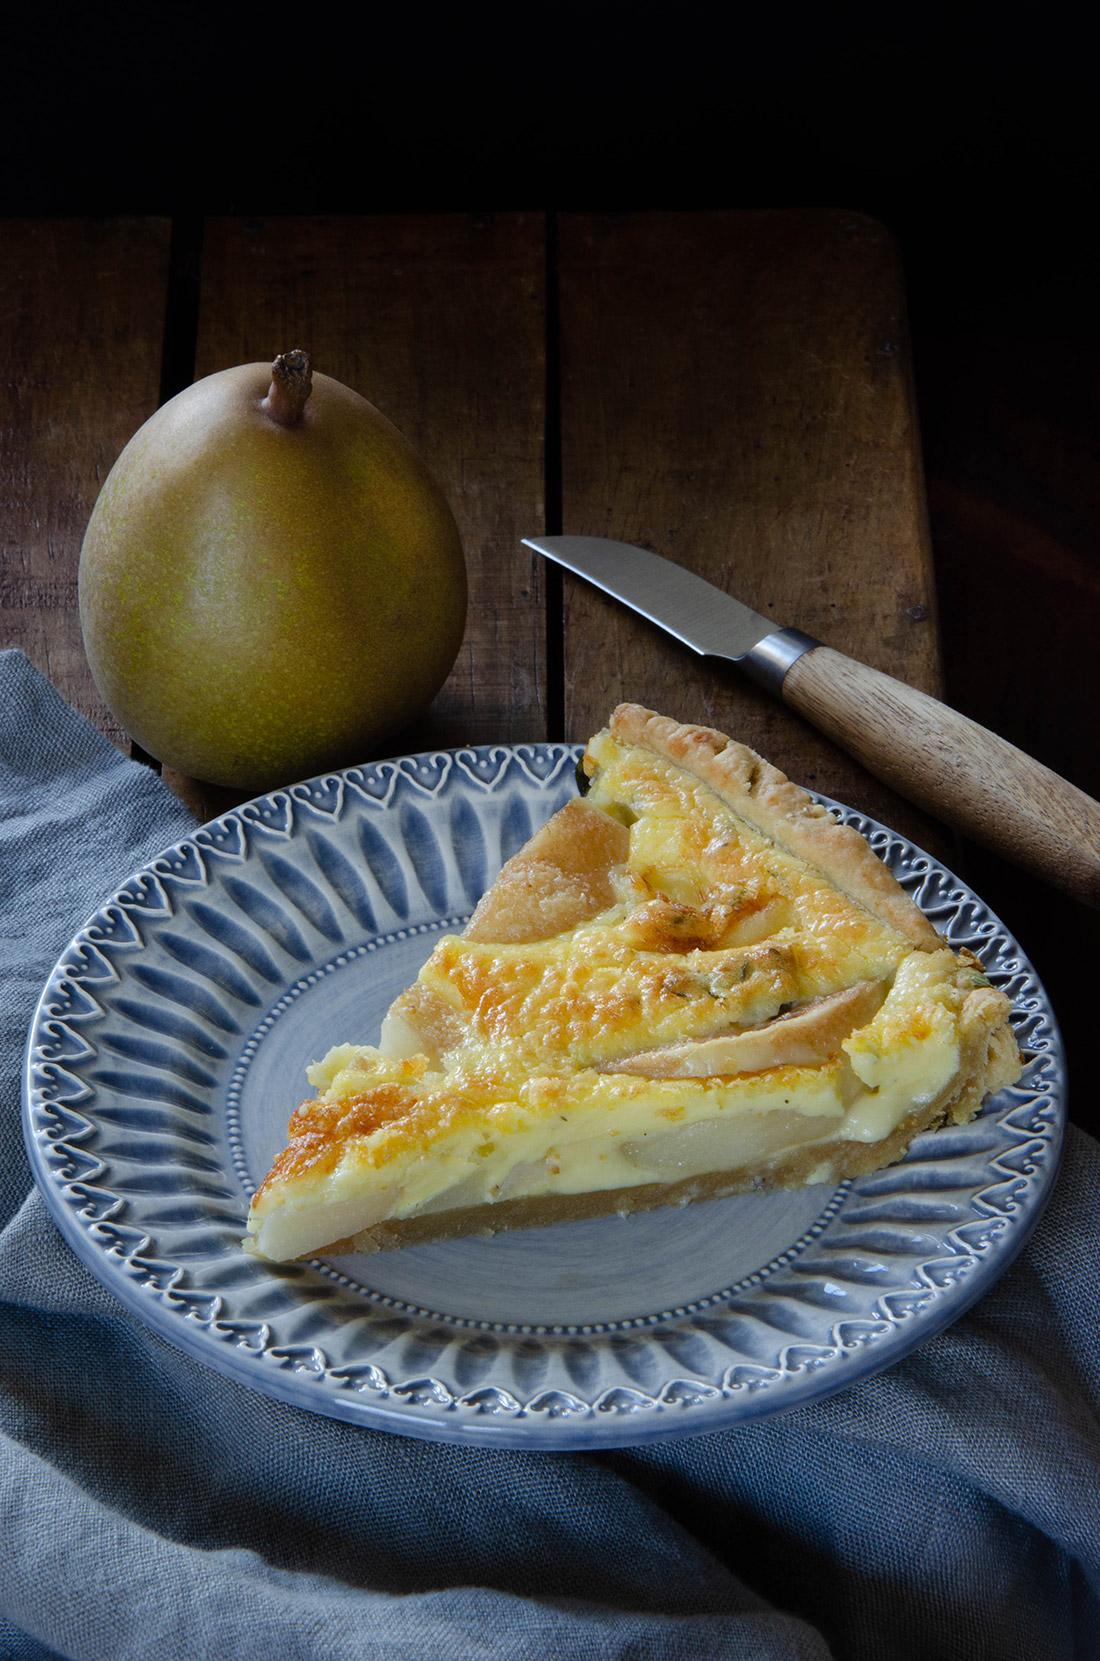 Une délicieuse recette sucrée salée de tarte poires morbier fait maison